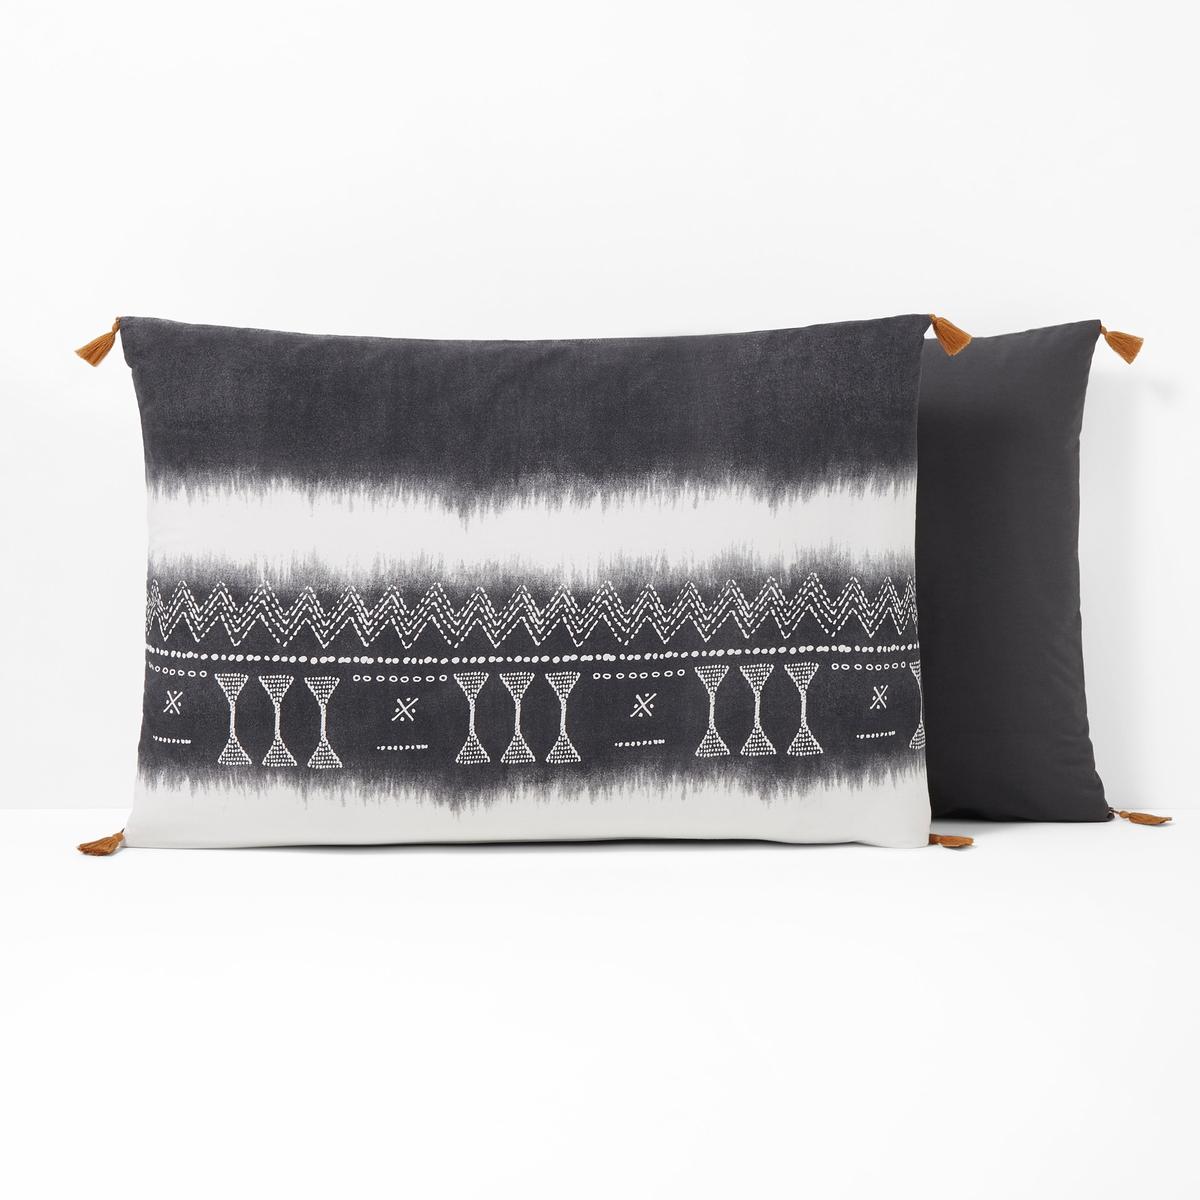 Fronha de almofada, em algodão lavado, YORUBA